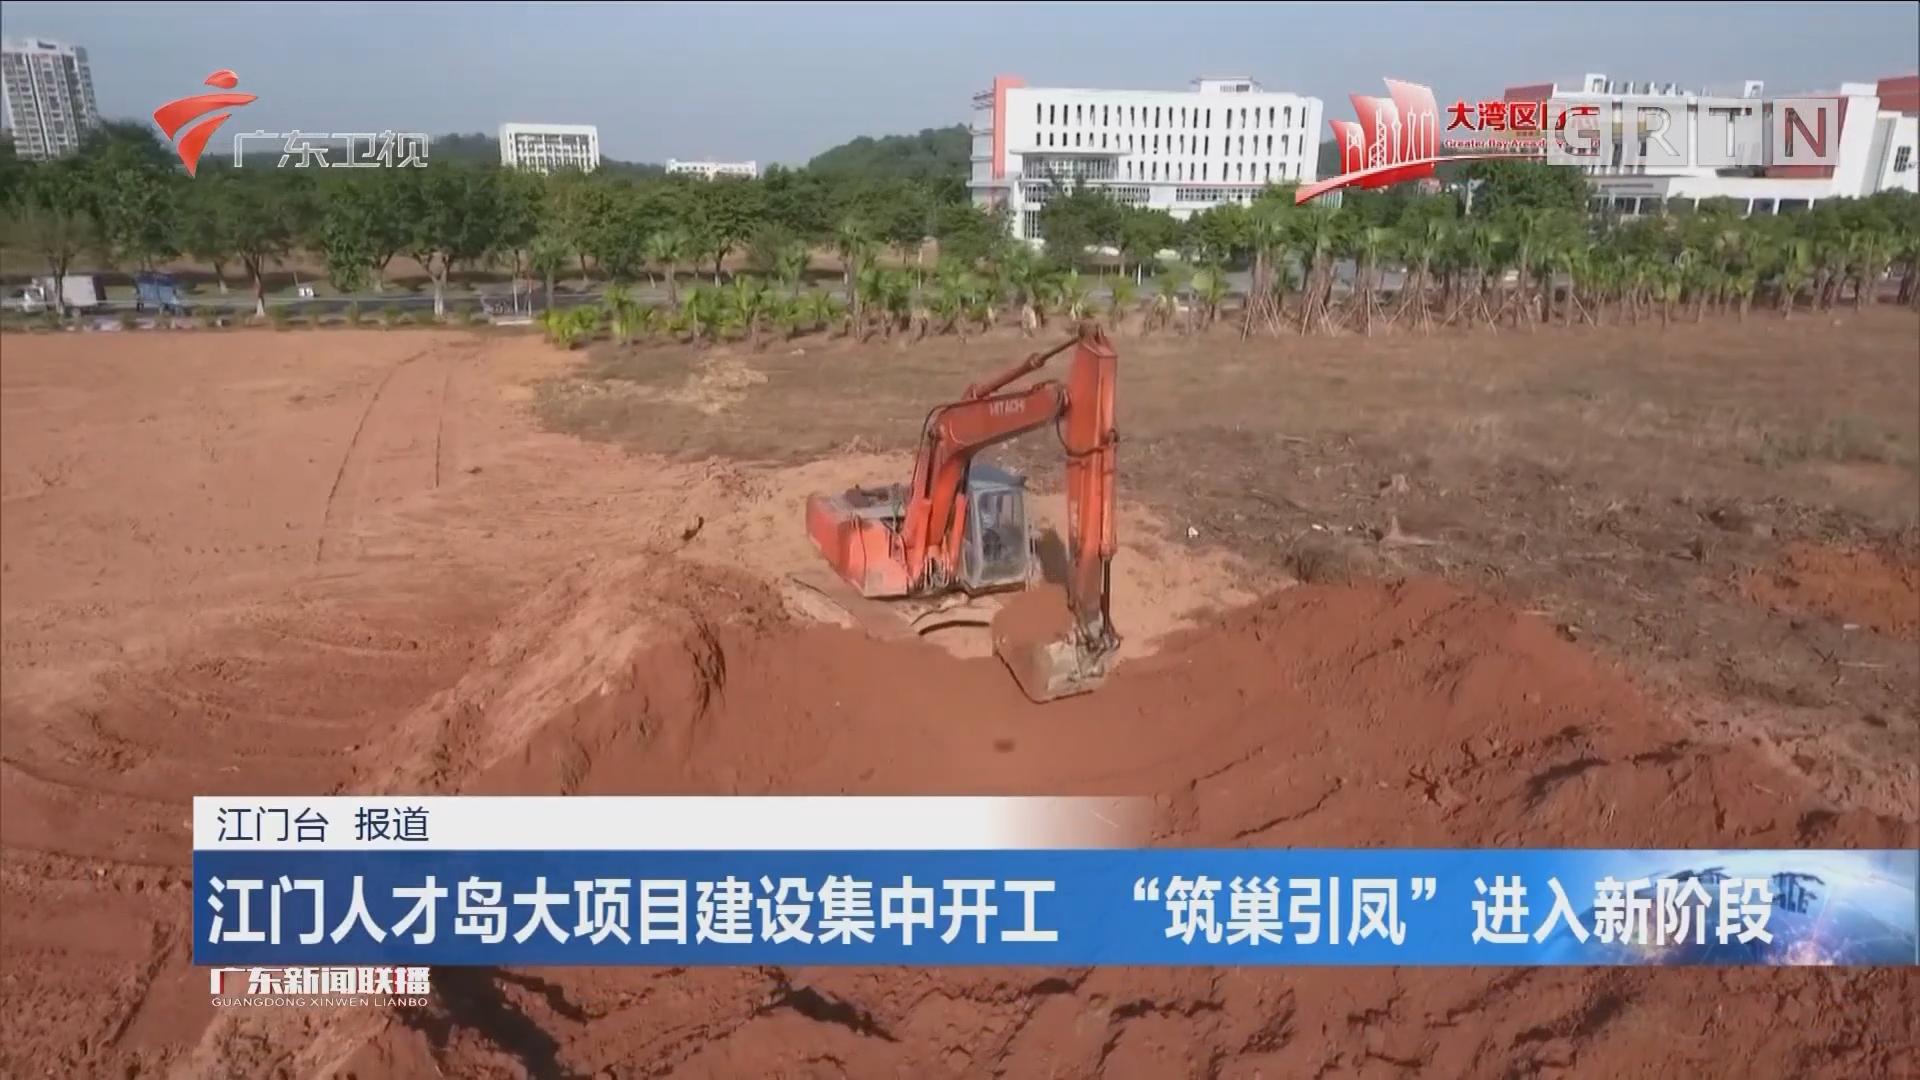 """江门人才岛大项目建设集中开工 """"筑巢引凤""""进入新阶段"""